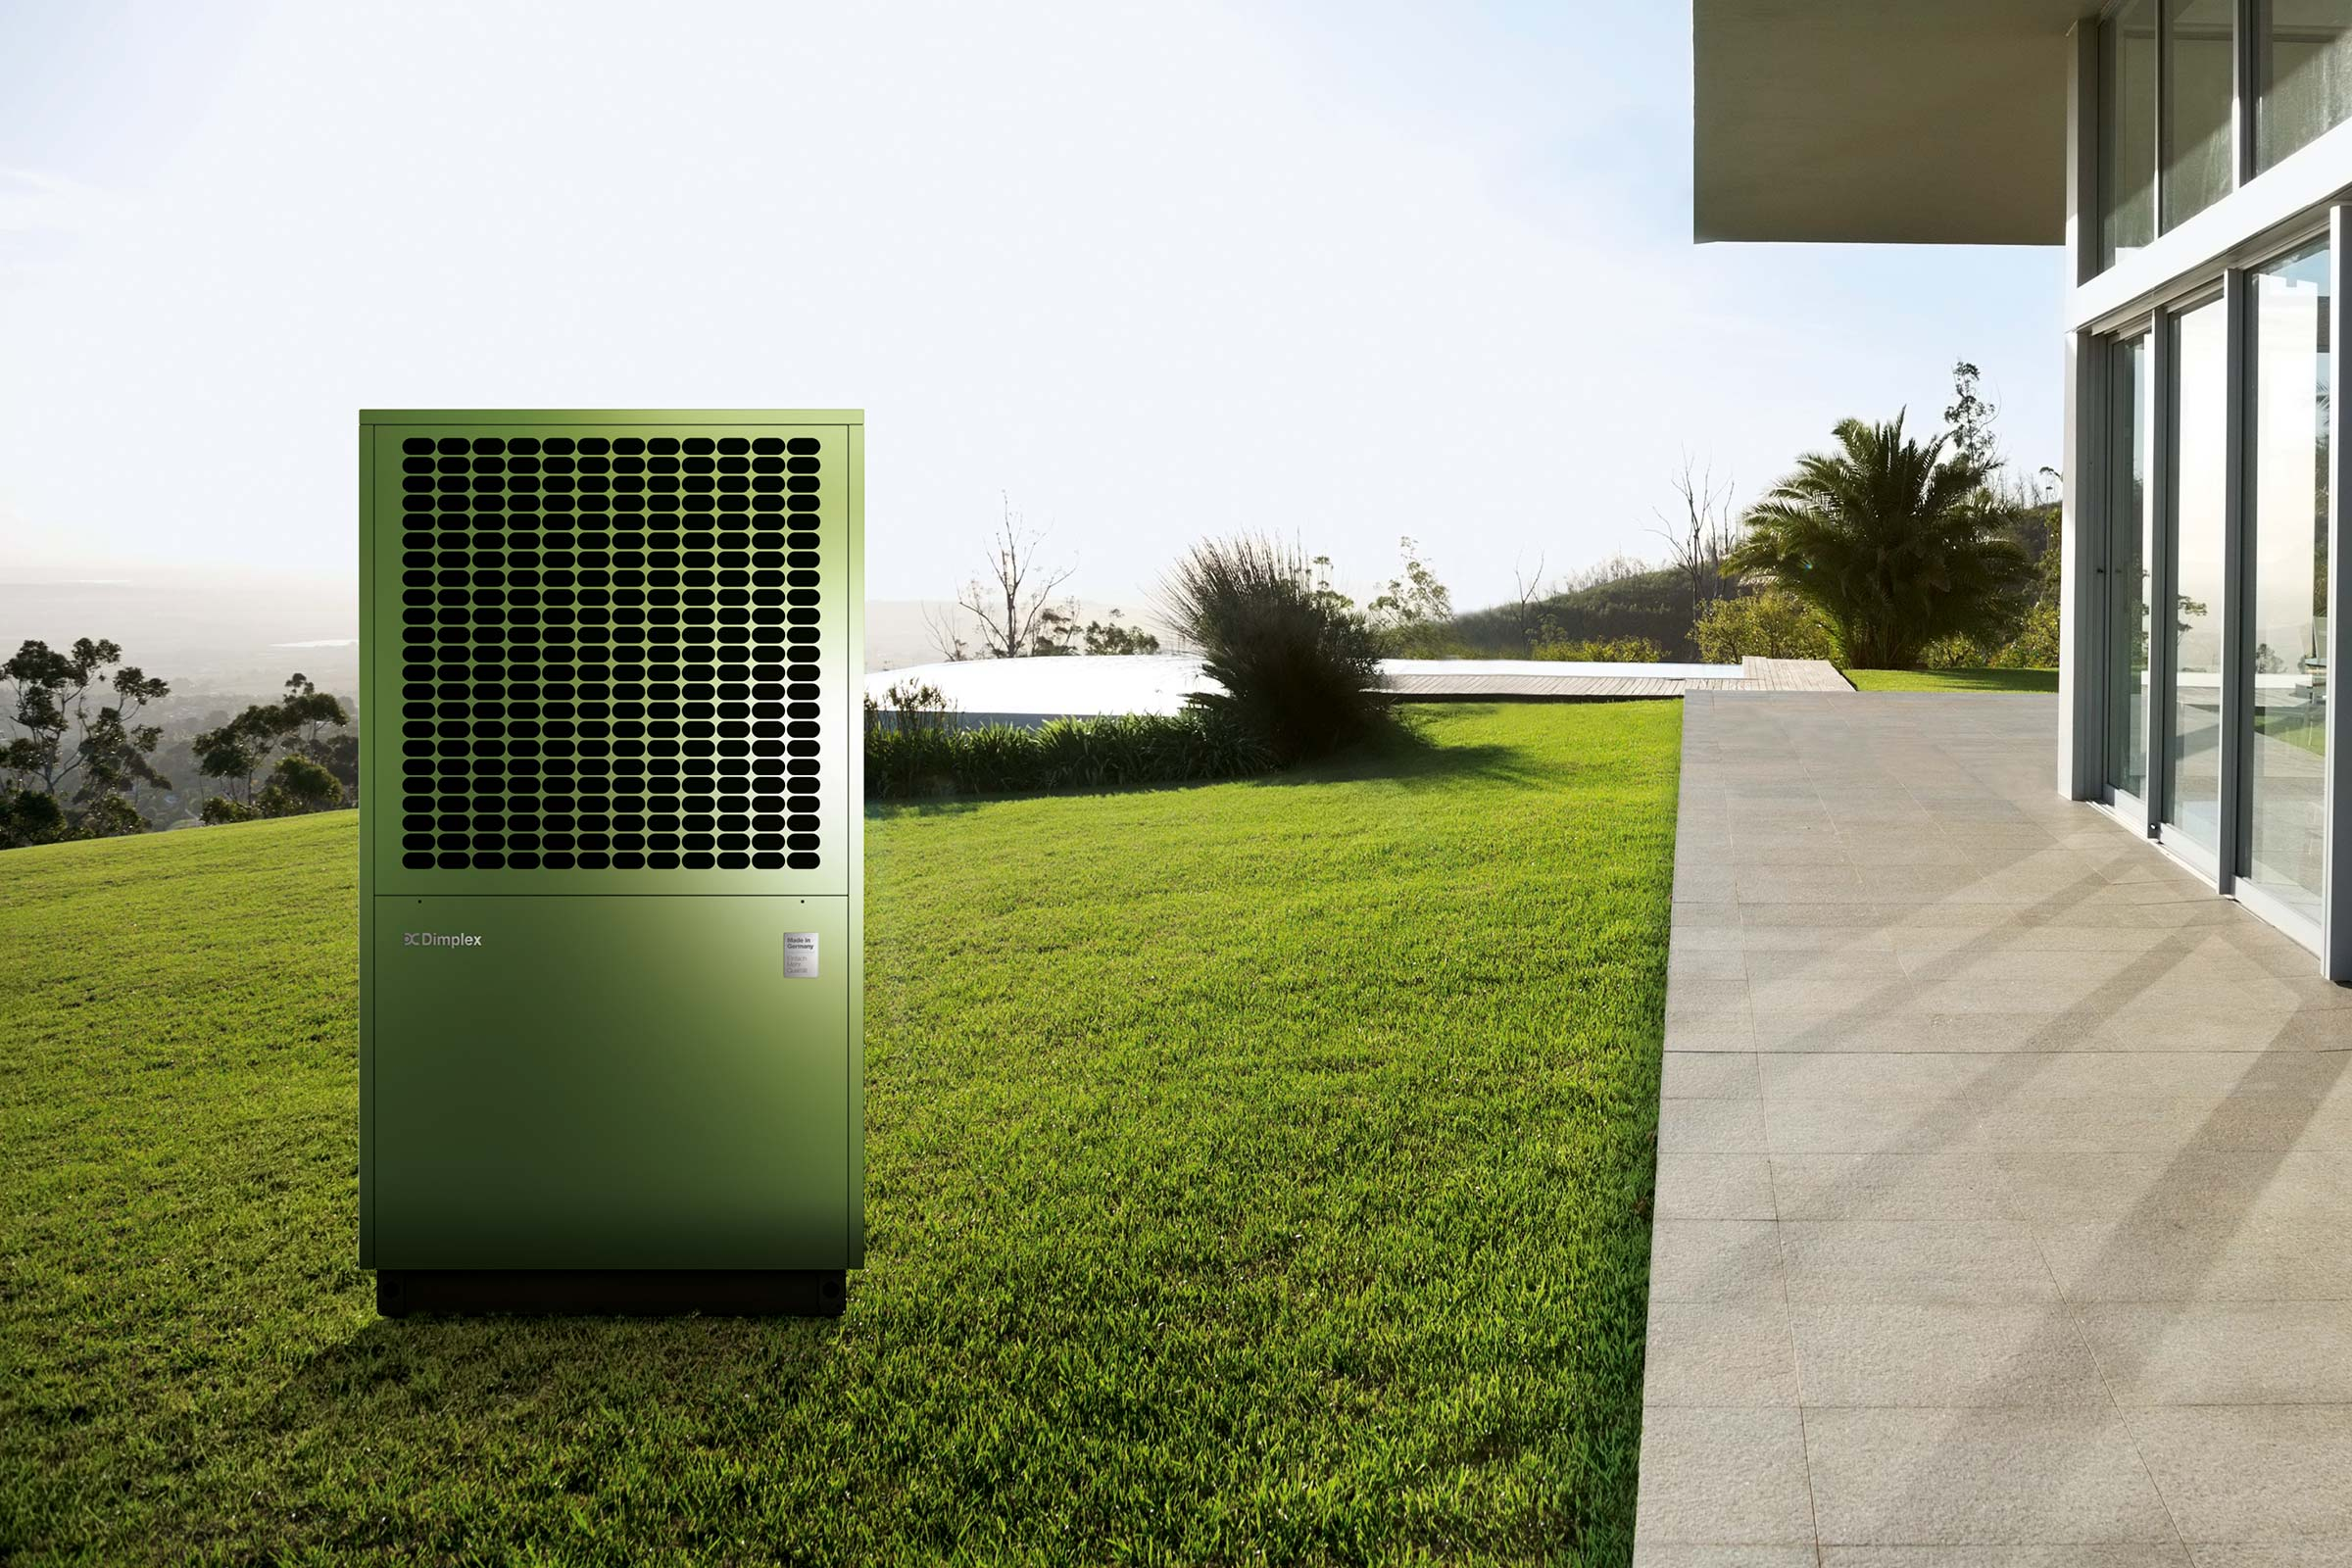 Wärmepumpe von Dimplex im Außenbereich